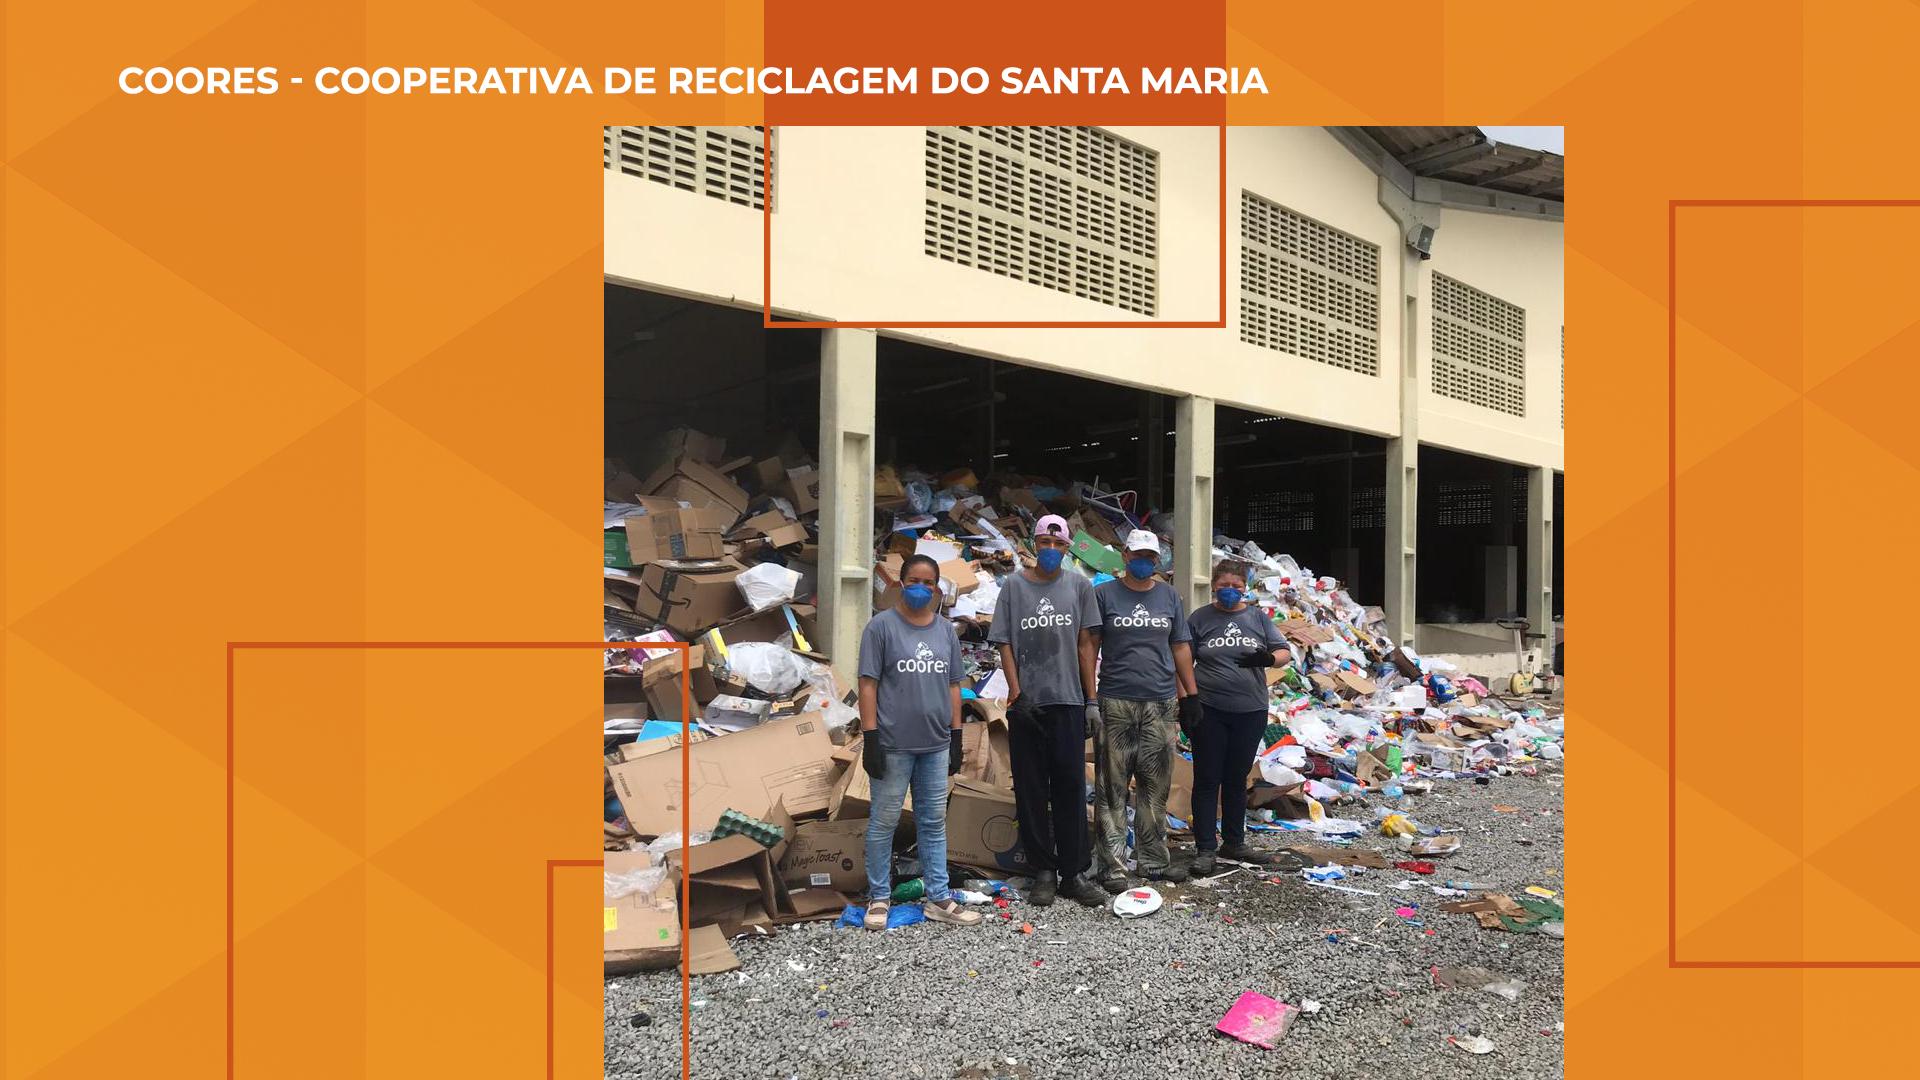 Coores - Cooperativa de Reciclagem do Santa Maria.png